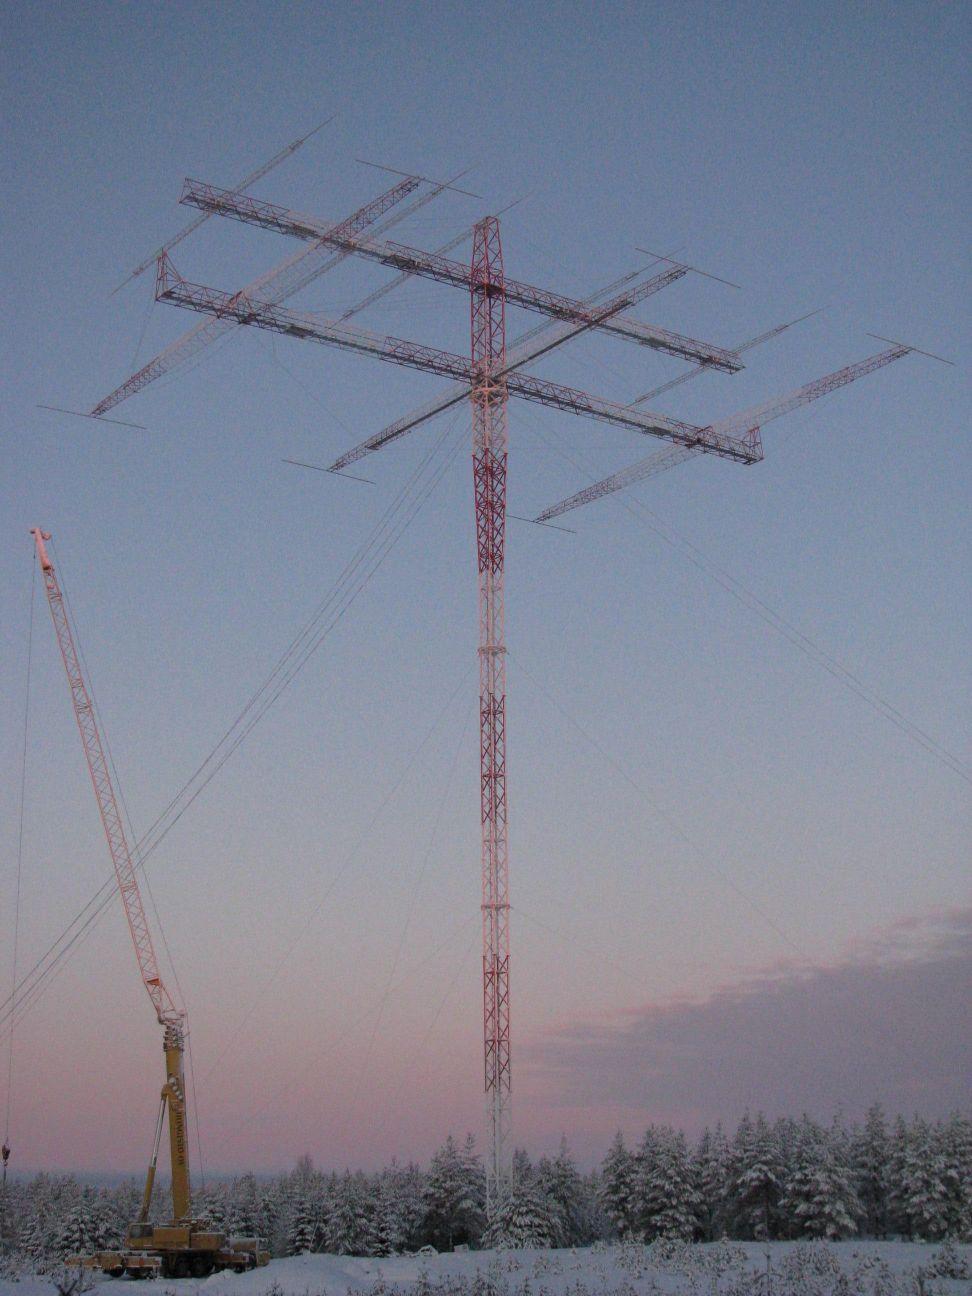 Нажмите на изображение для увеличения.  Название:OH8X Antena Monster (160 M 3 el. Yagi).JPG Просмотров:795 Размер:134.7 Кб ID:41698